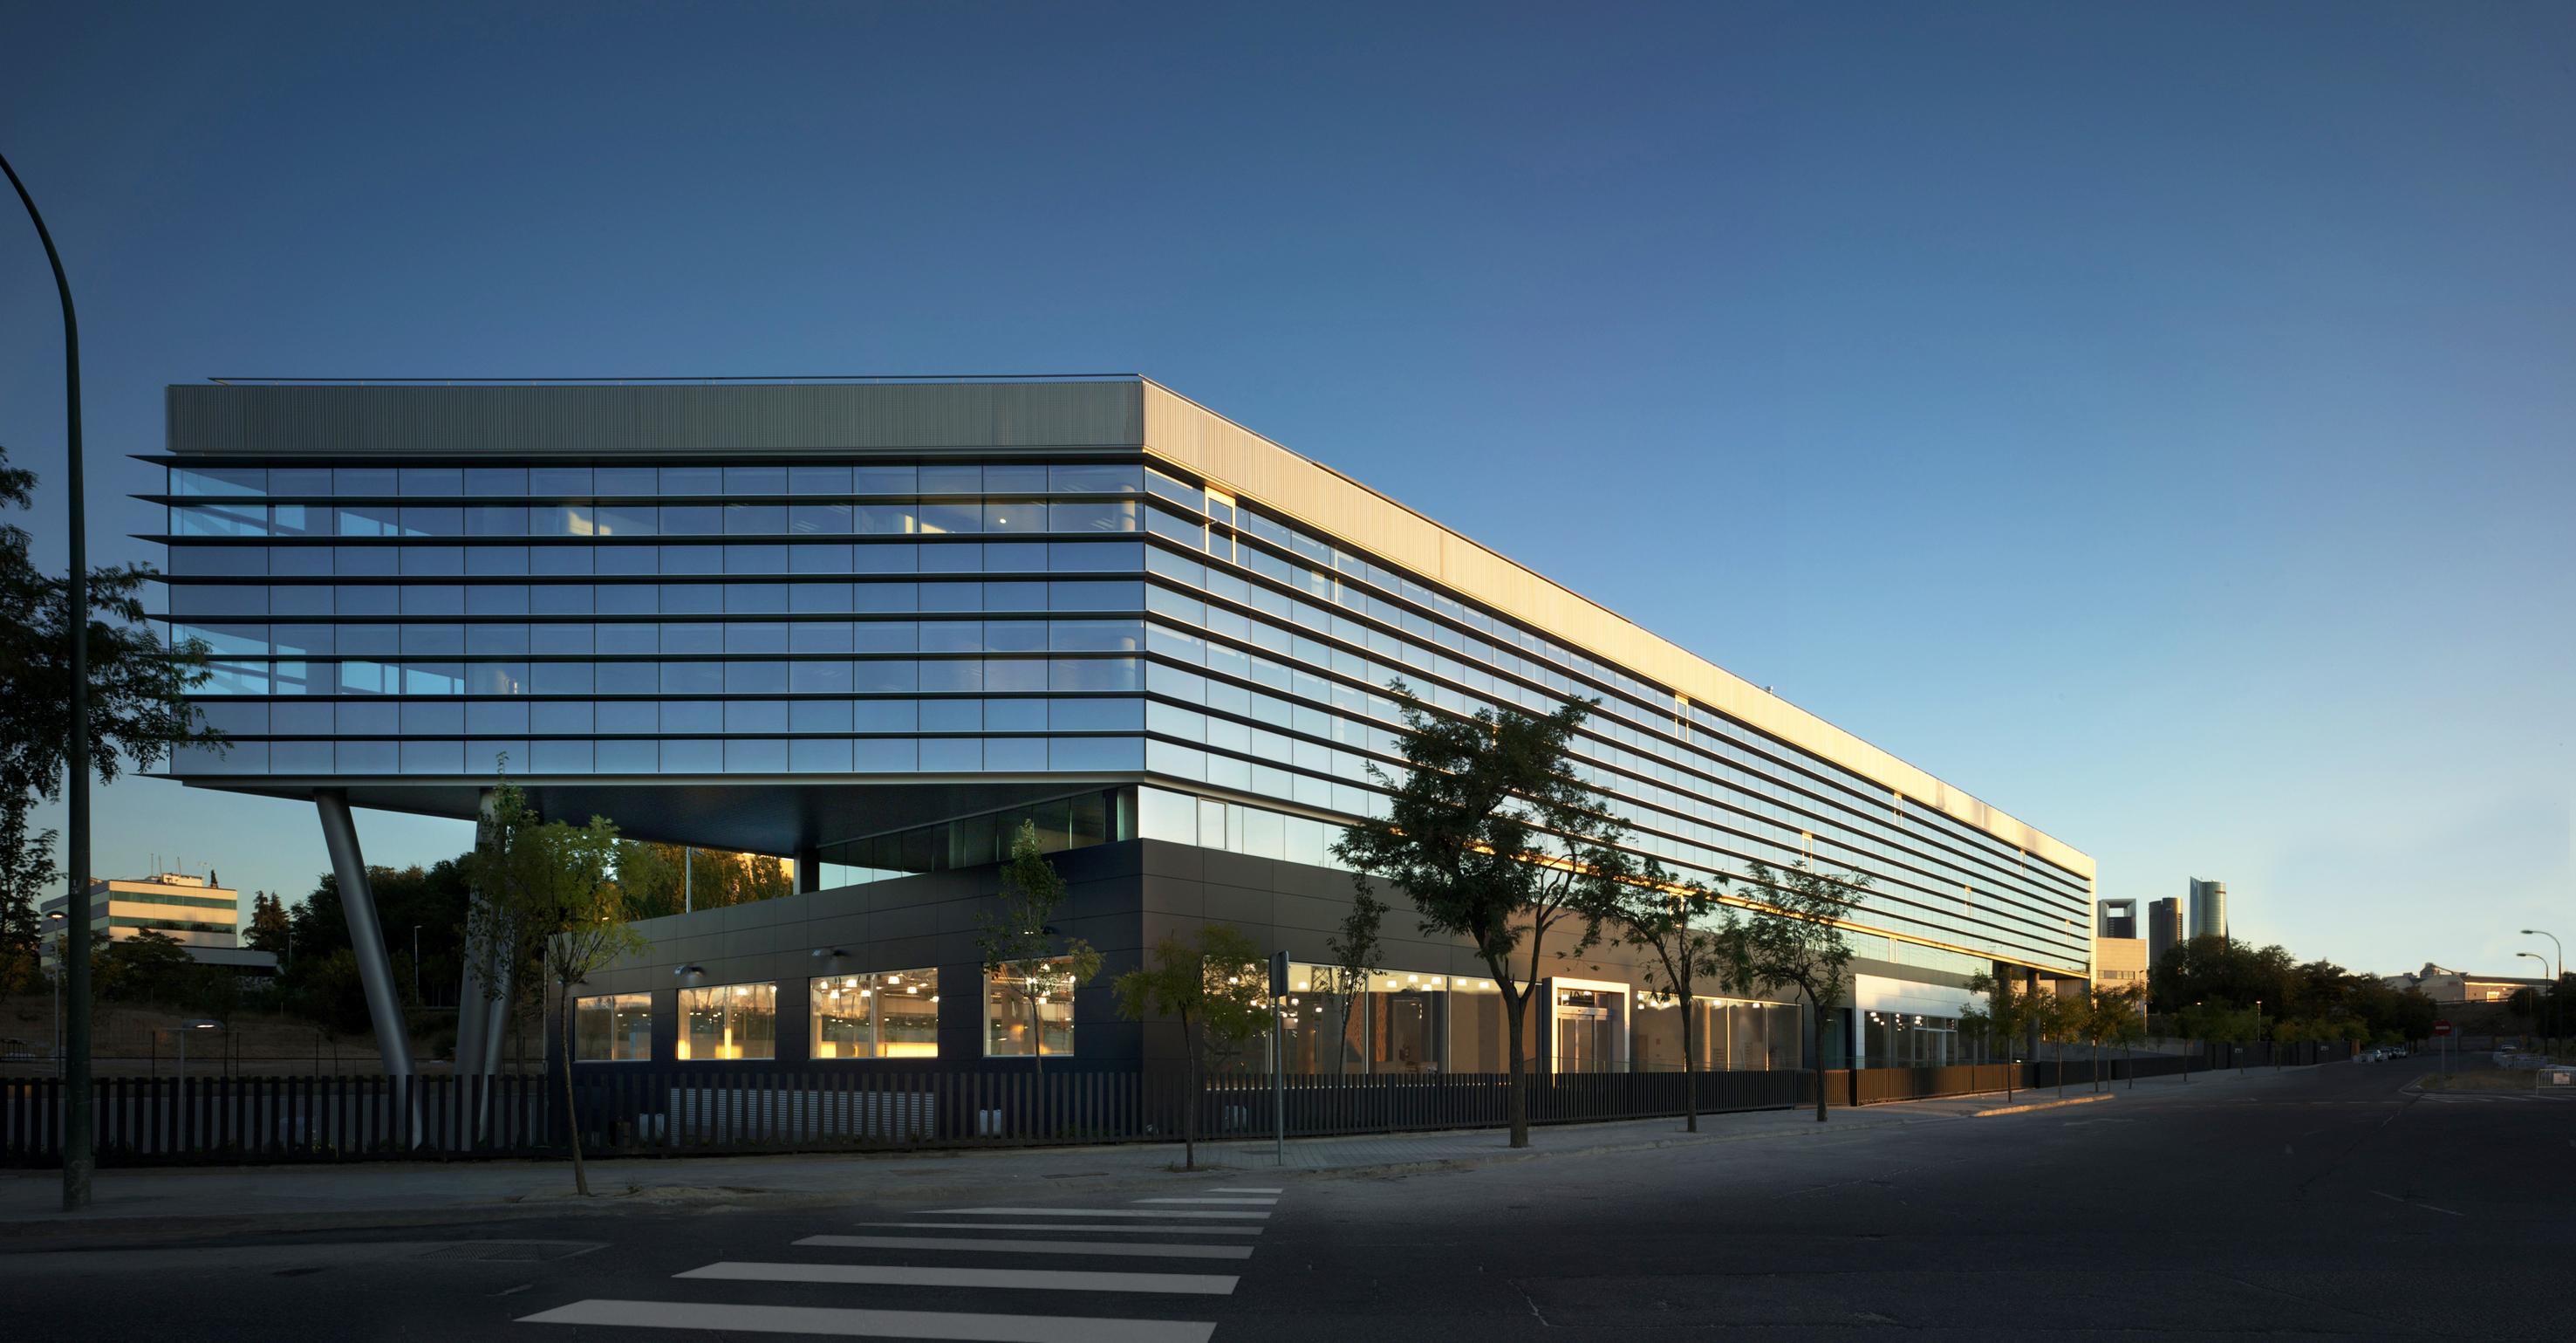 La oficina so ada por los espa oles espacios abiertos for Oficinas de bankia en madrid